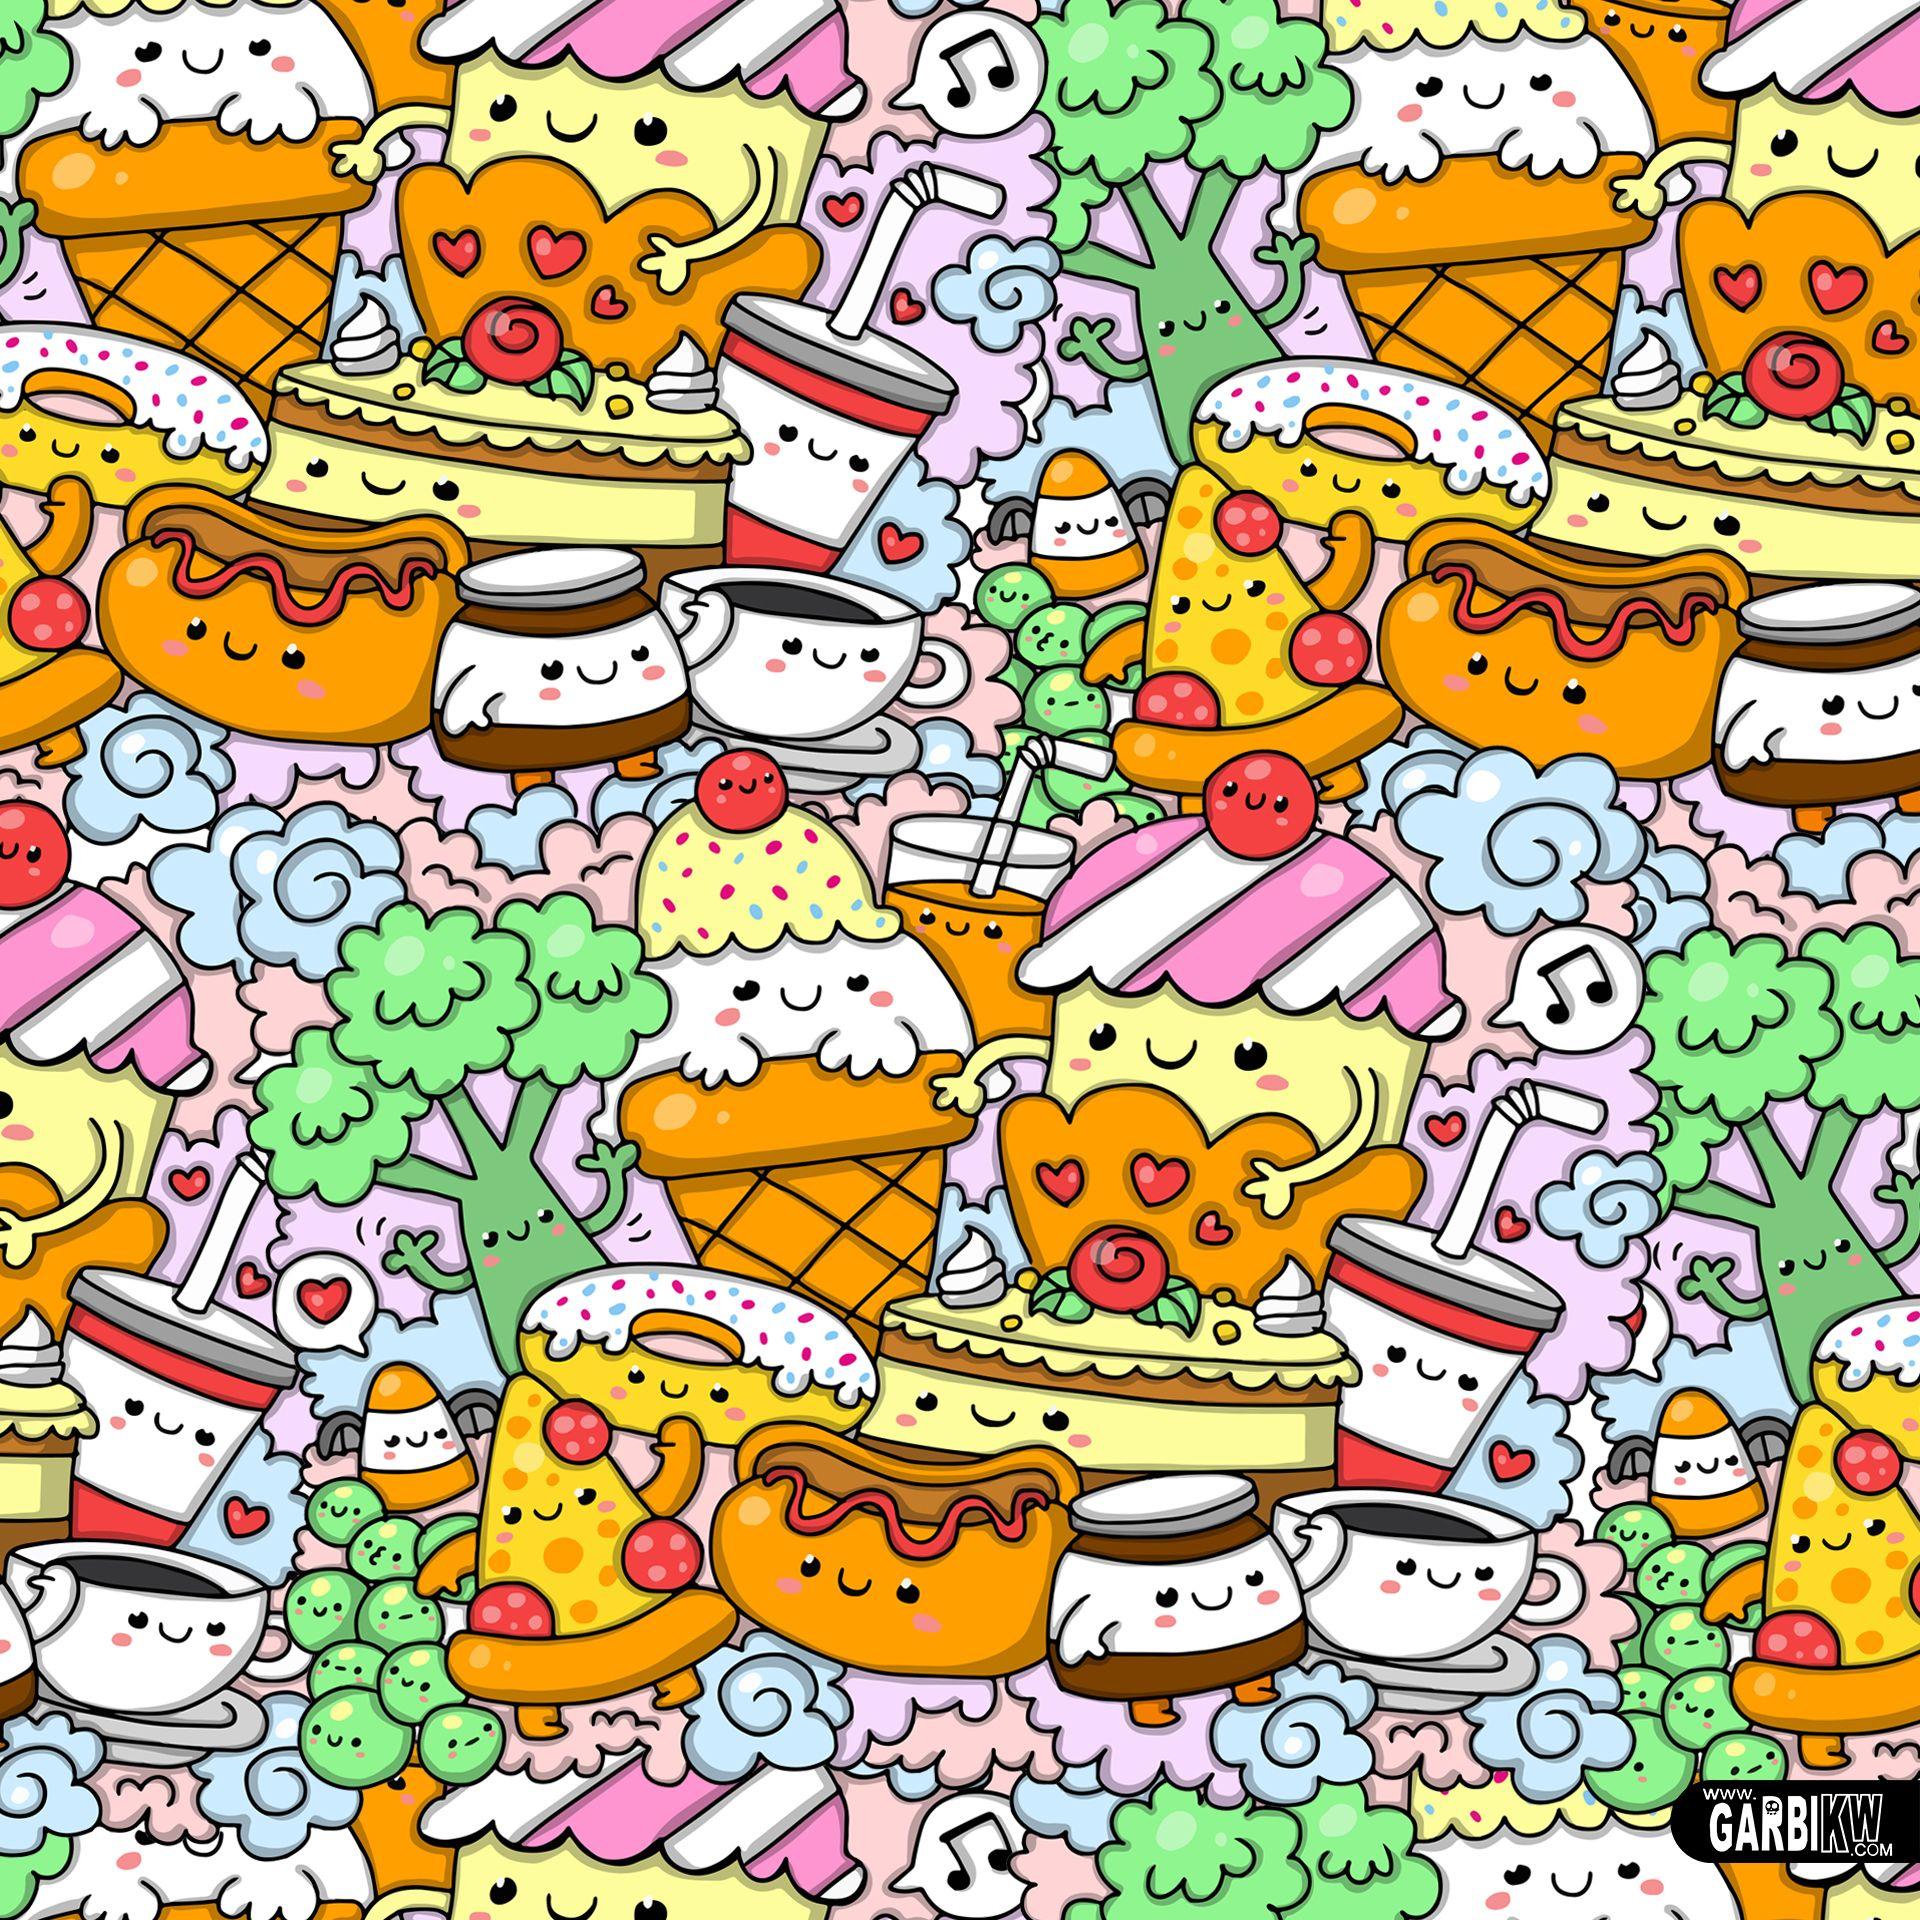 Kawaii Food Kawaiifood Gkw With Images Cute Doodles